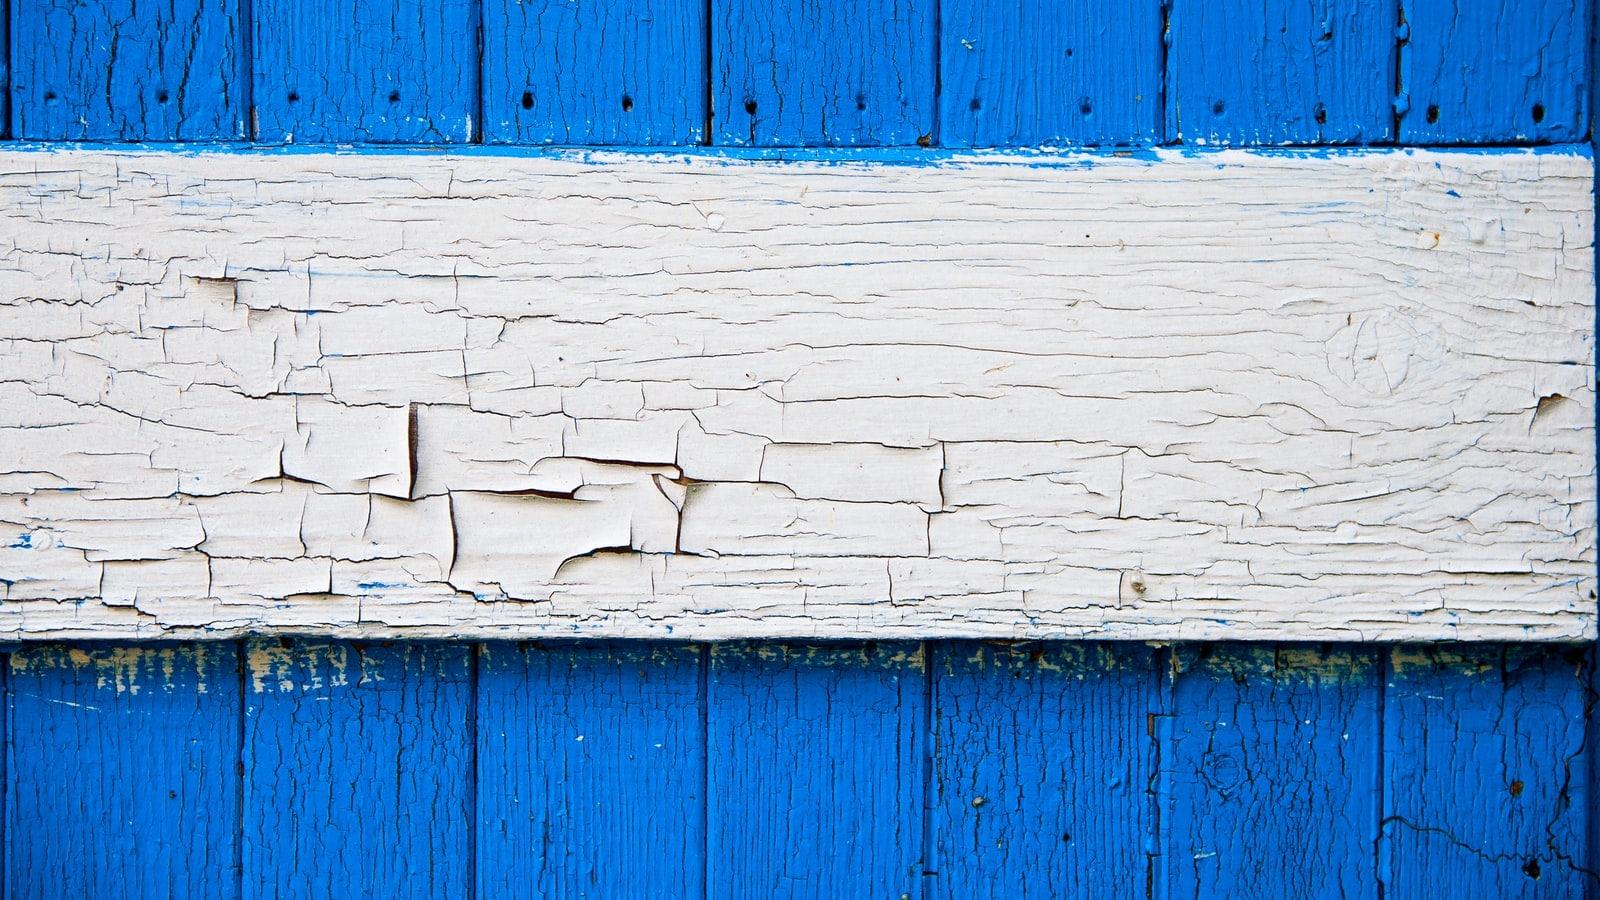 Planche de bois avec peinture qui s'écaille